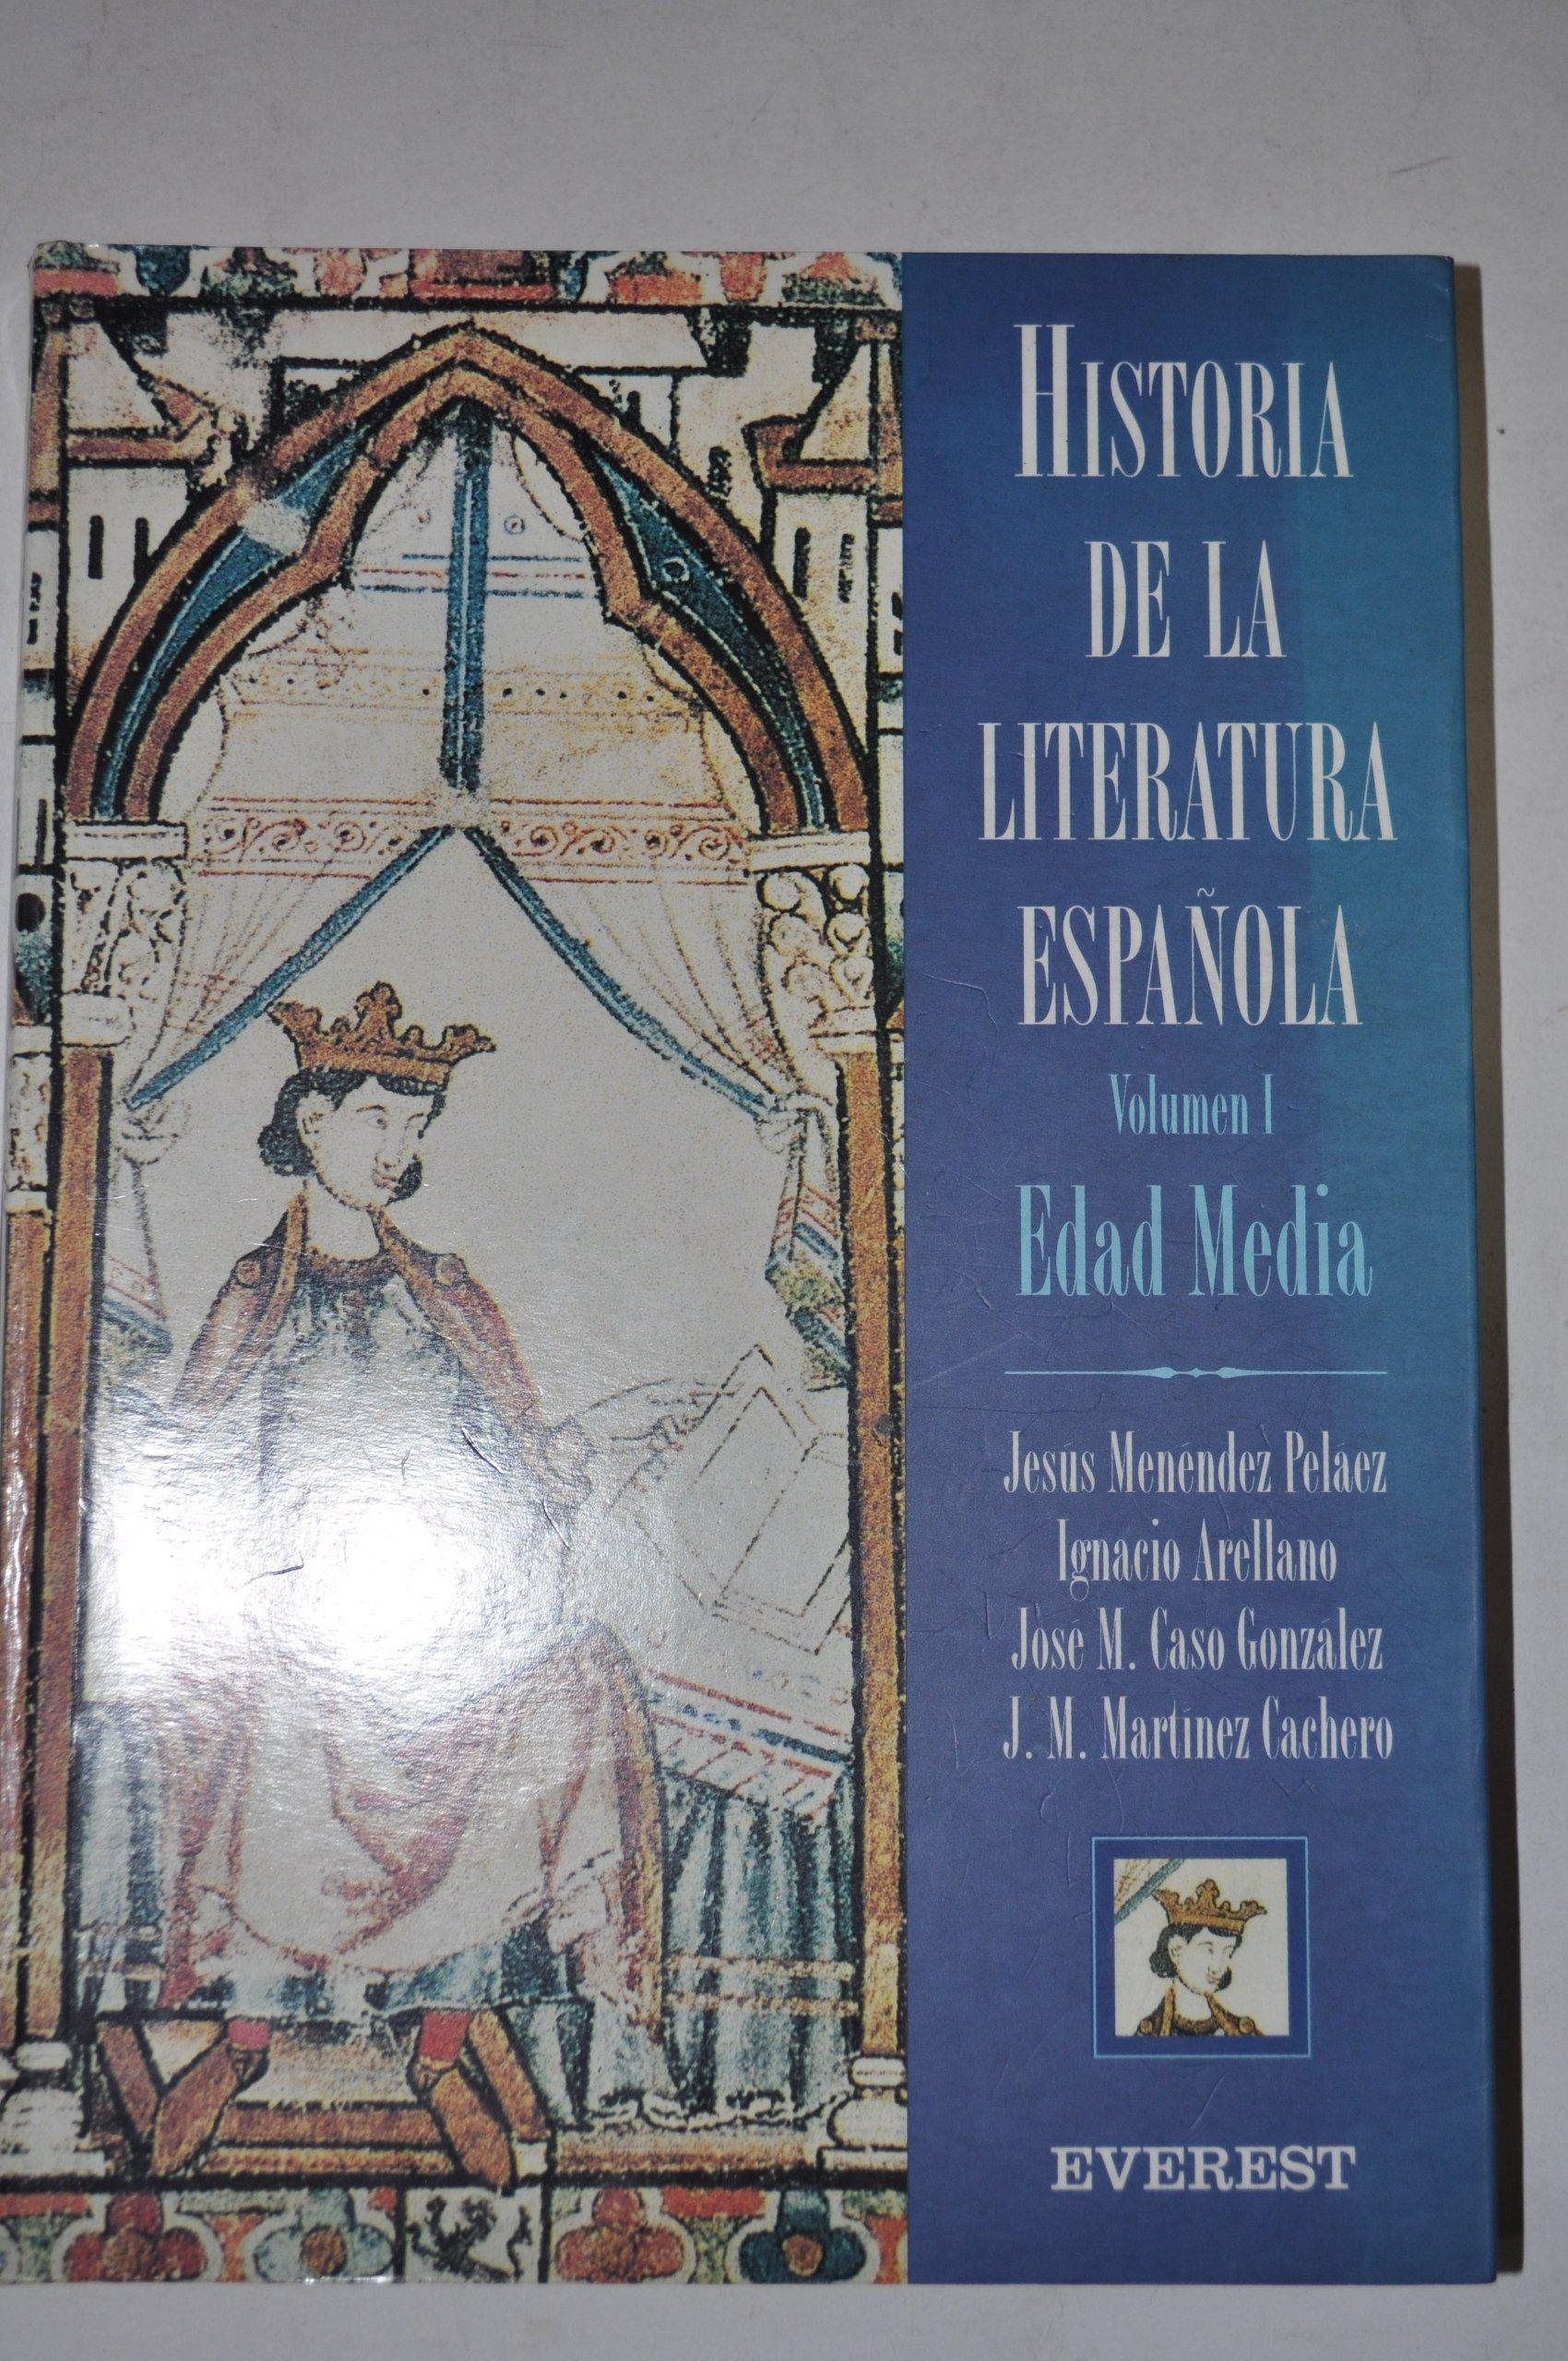 Historia de la Literatura Española Volumen I Edad Media: Amazon.es ...